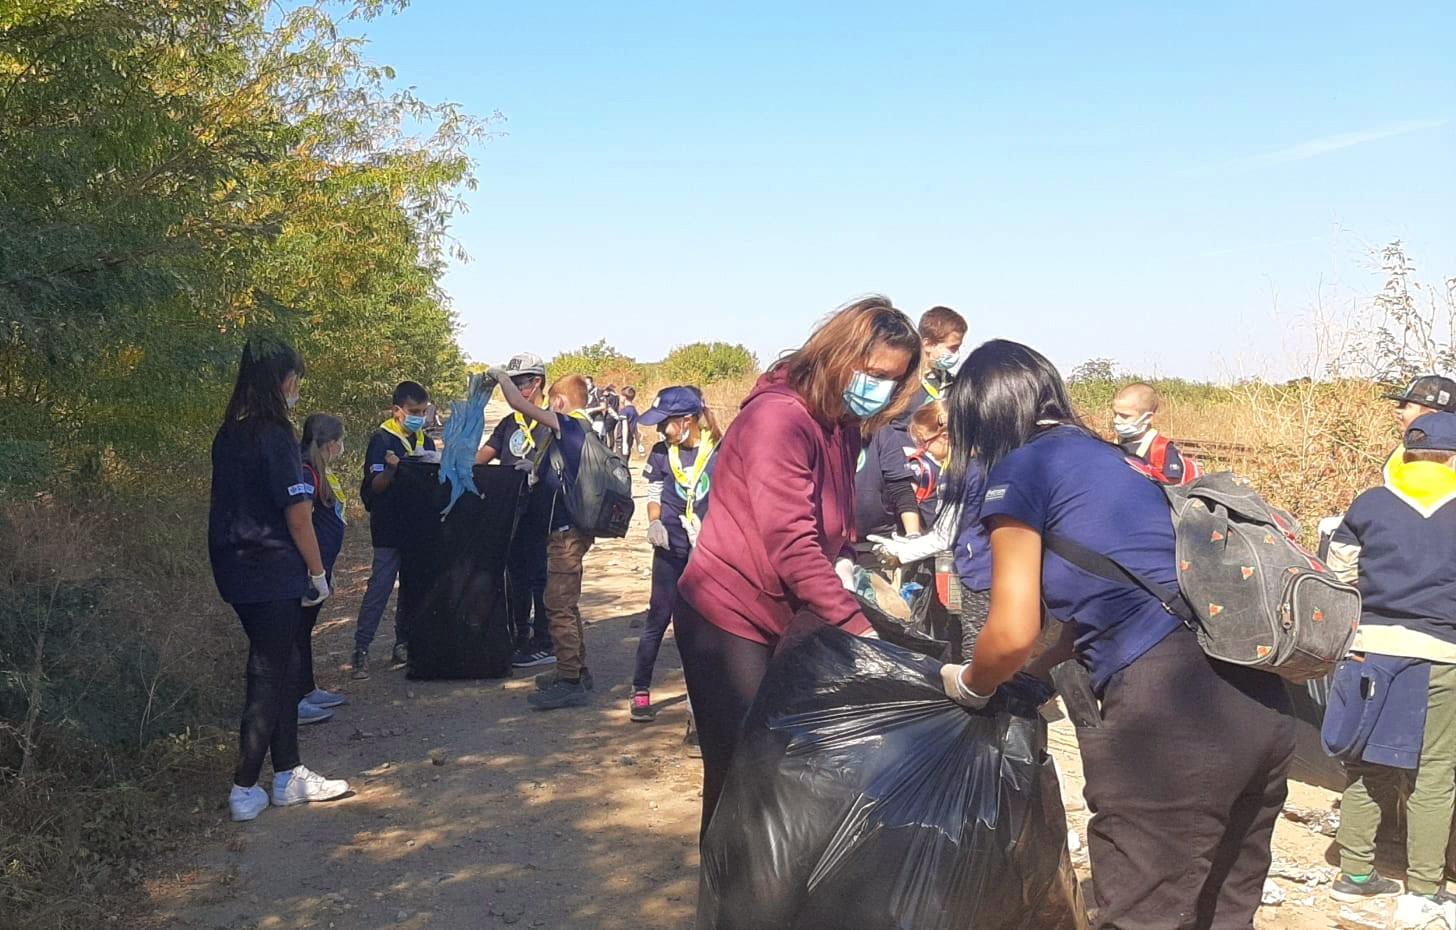 Campioni ai voluntariatului: Peste 120 de cercetași au strâns 100 de saci de deșeuri!